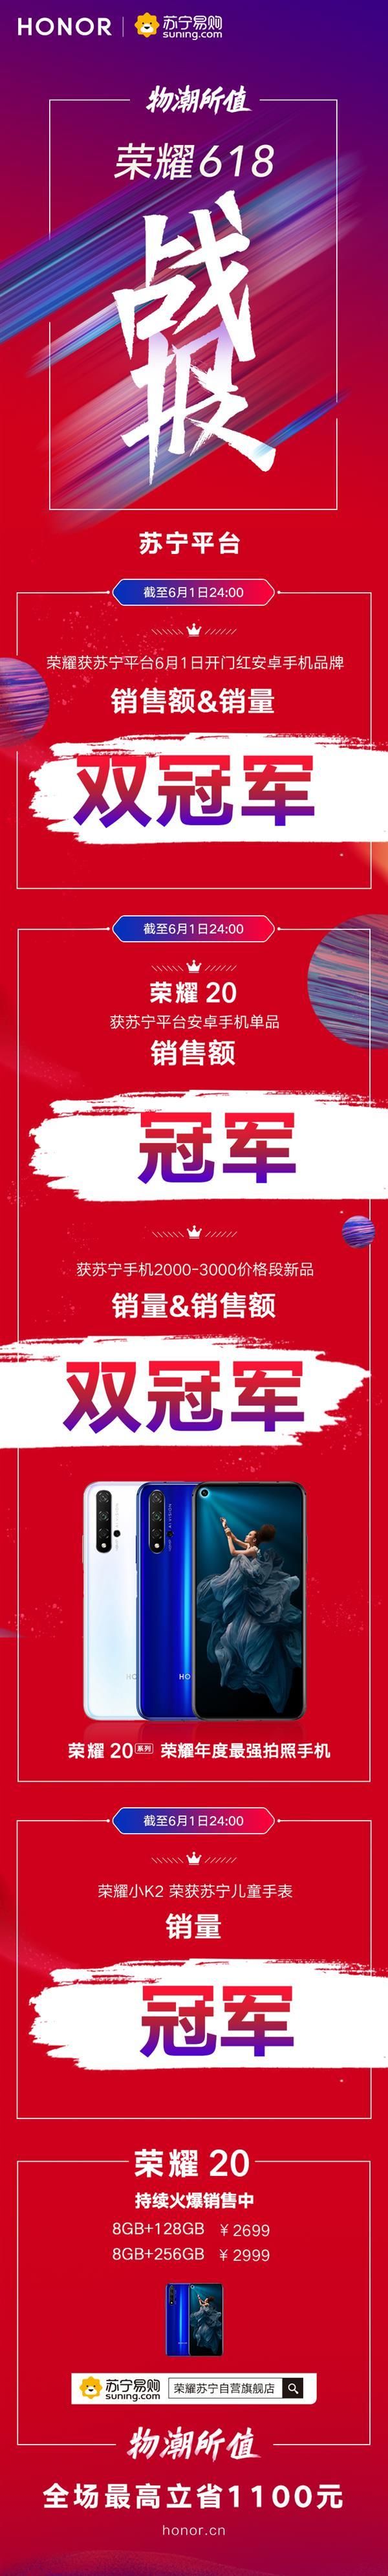 荣耀手机喜迎开门红 多平台多项夺冠 20系列首销即火